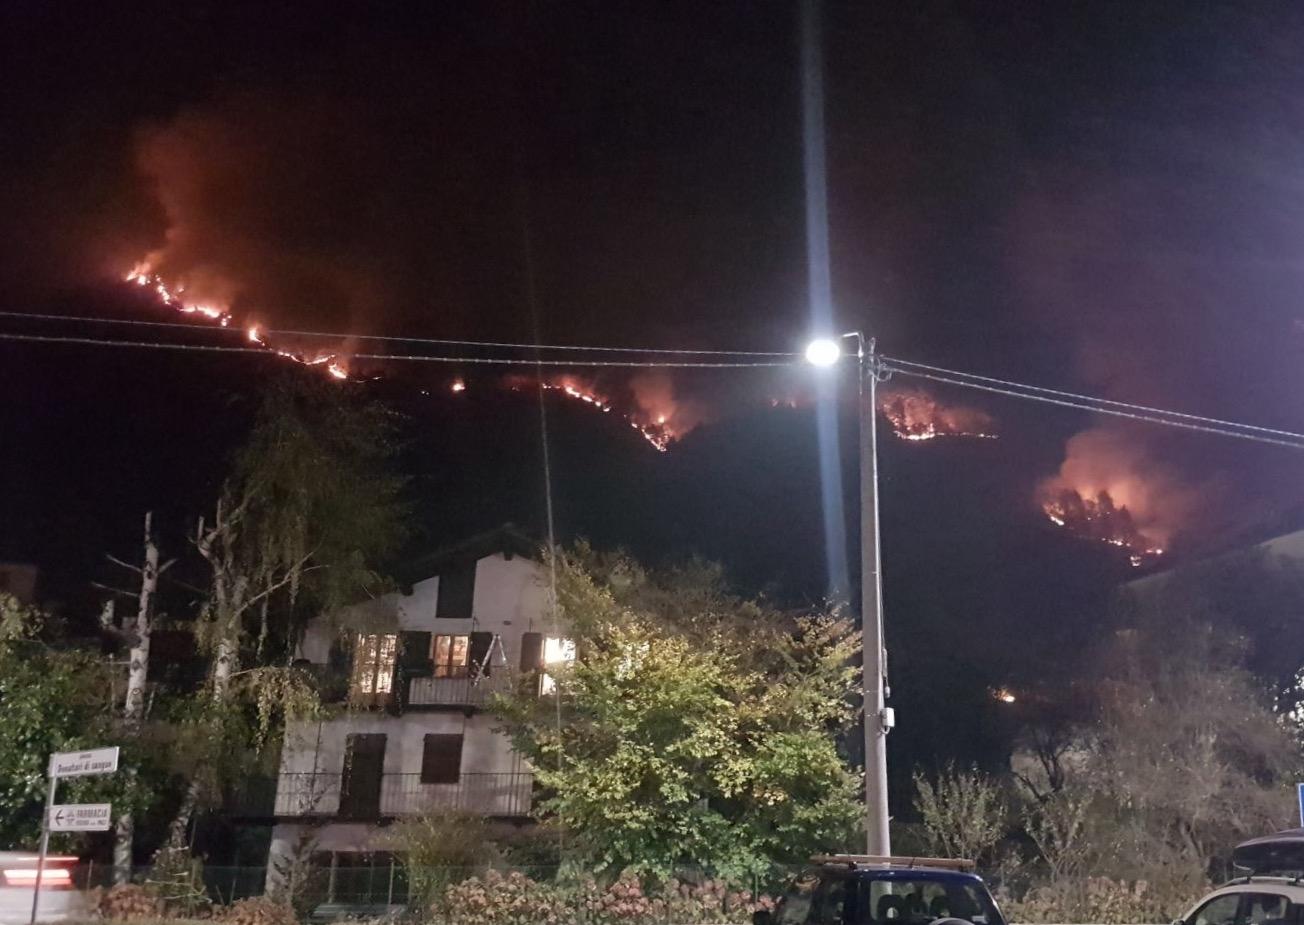 ALLARME INCENDI - Il Canavese chiede aiuto: le fiamme divorano le montagne di Traversella e Locana - FOTO